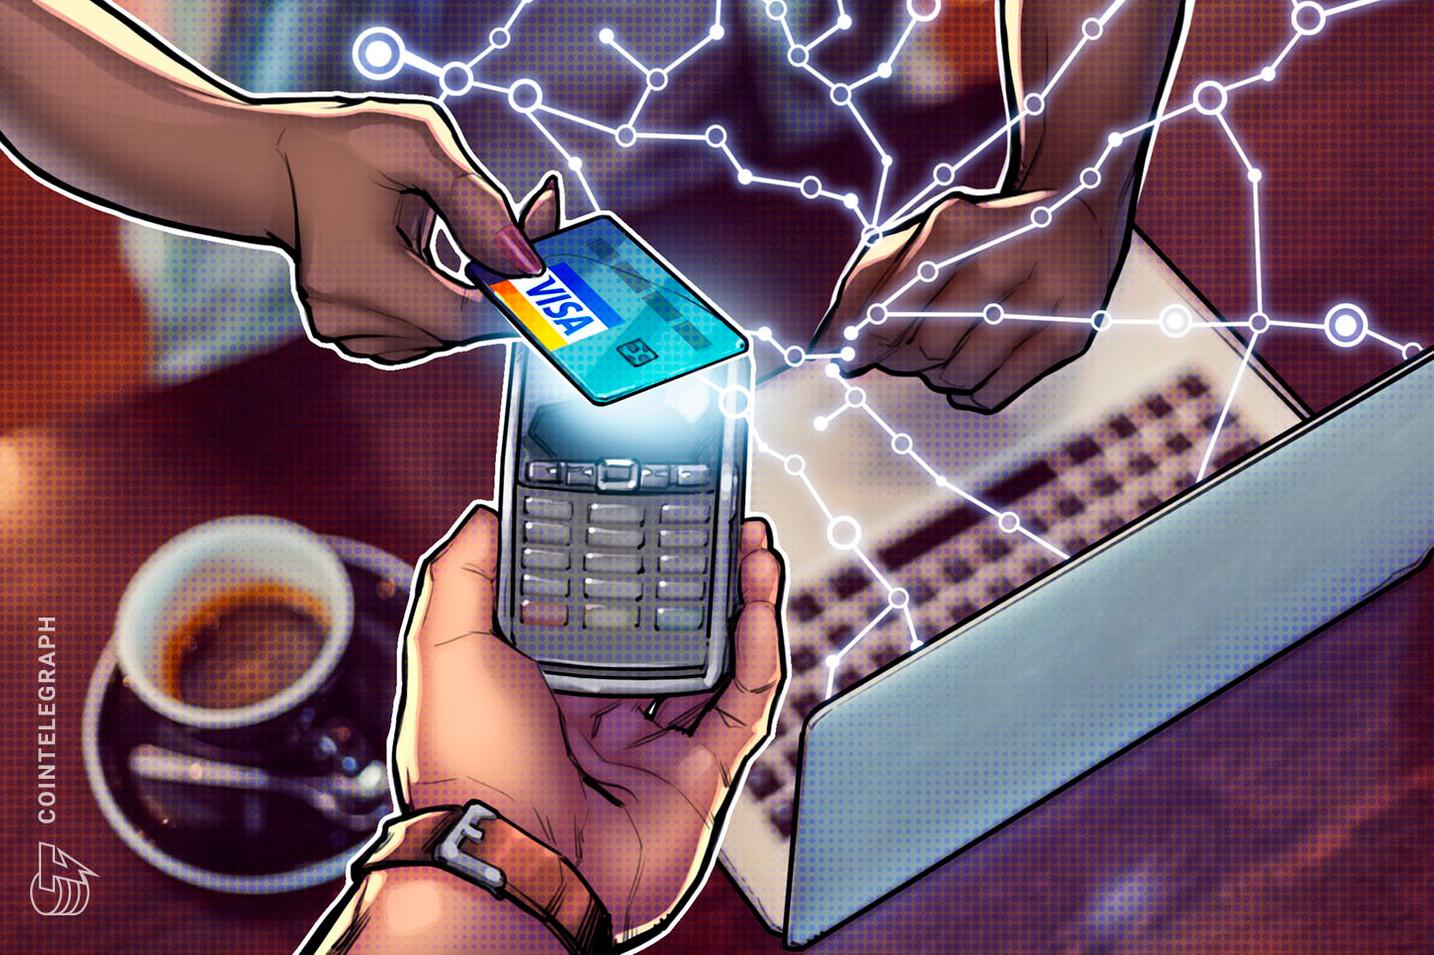 Cartão de débito Monolith Visa agora aceita carregamento em tokens Digix e MakerDAO